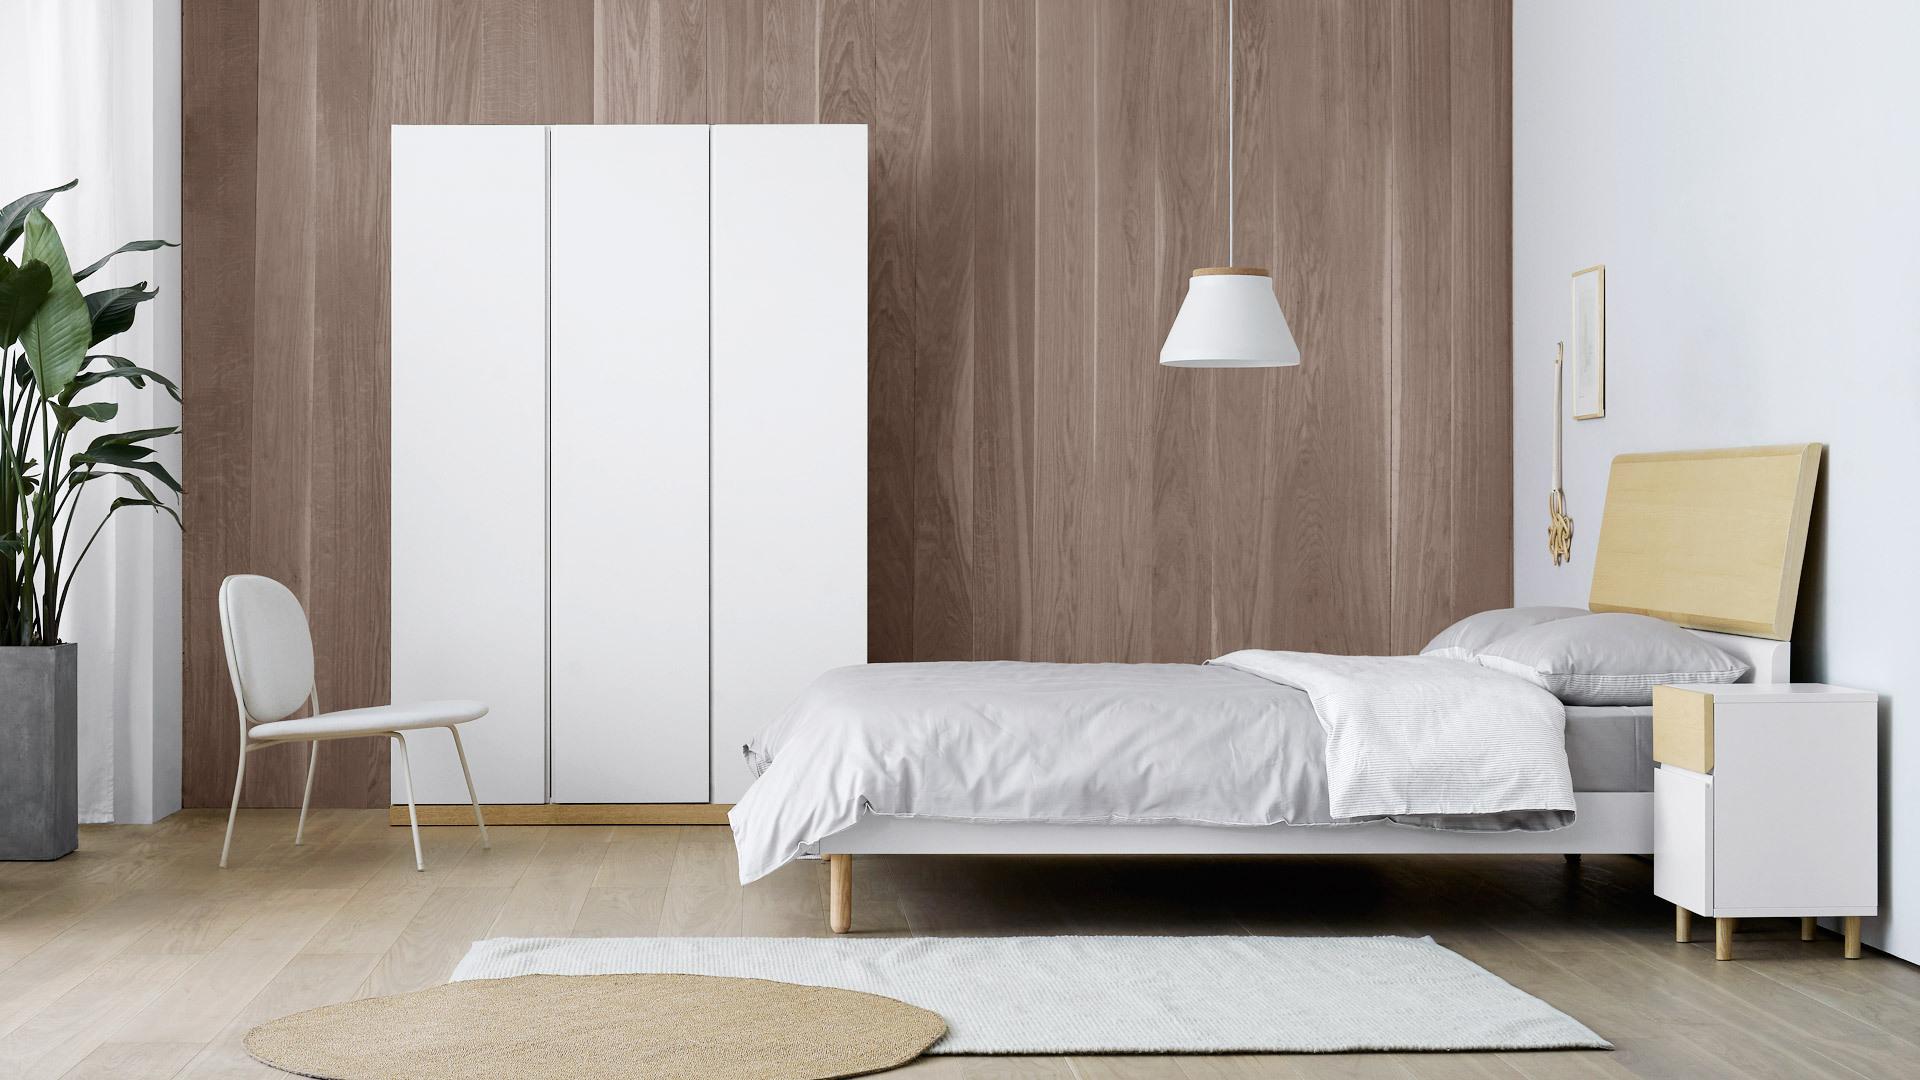 简白色彩,任意空间都能完美融合